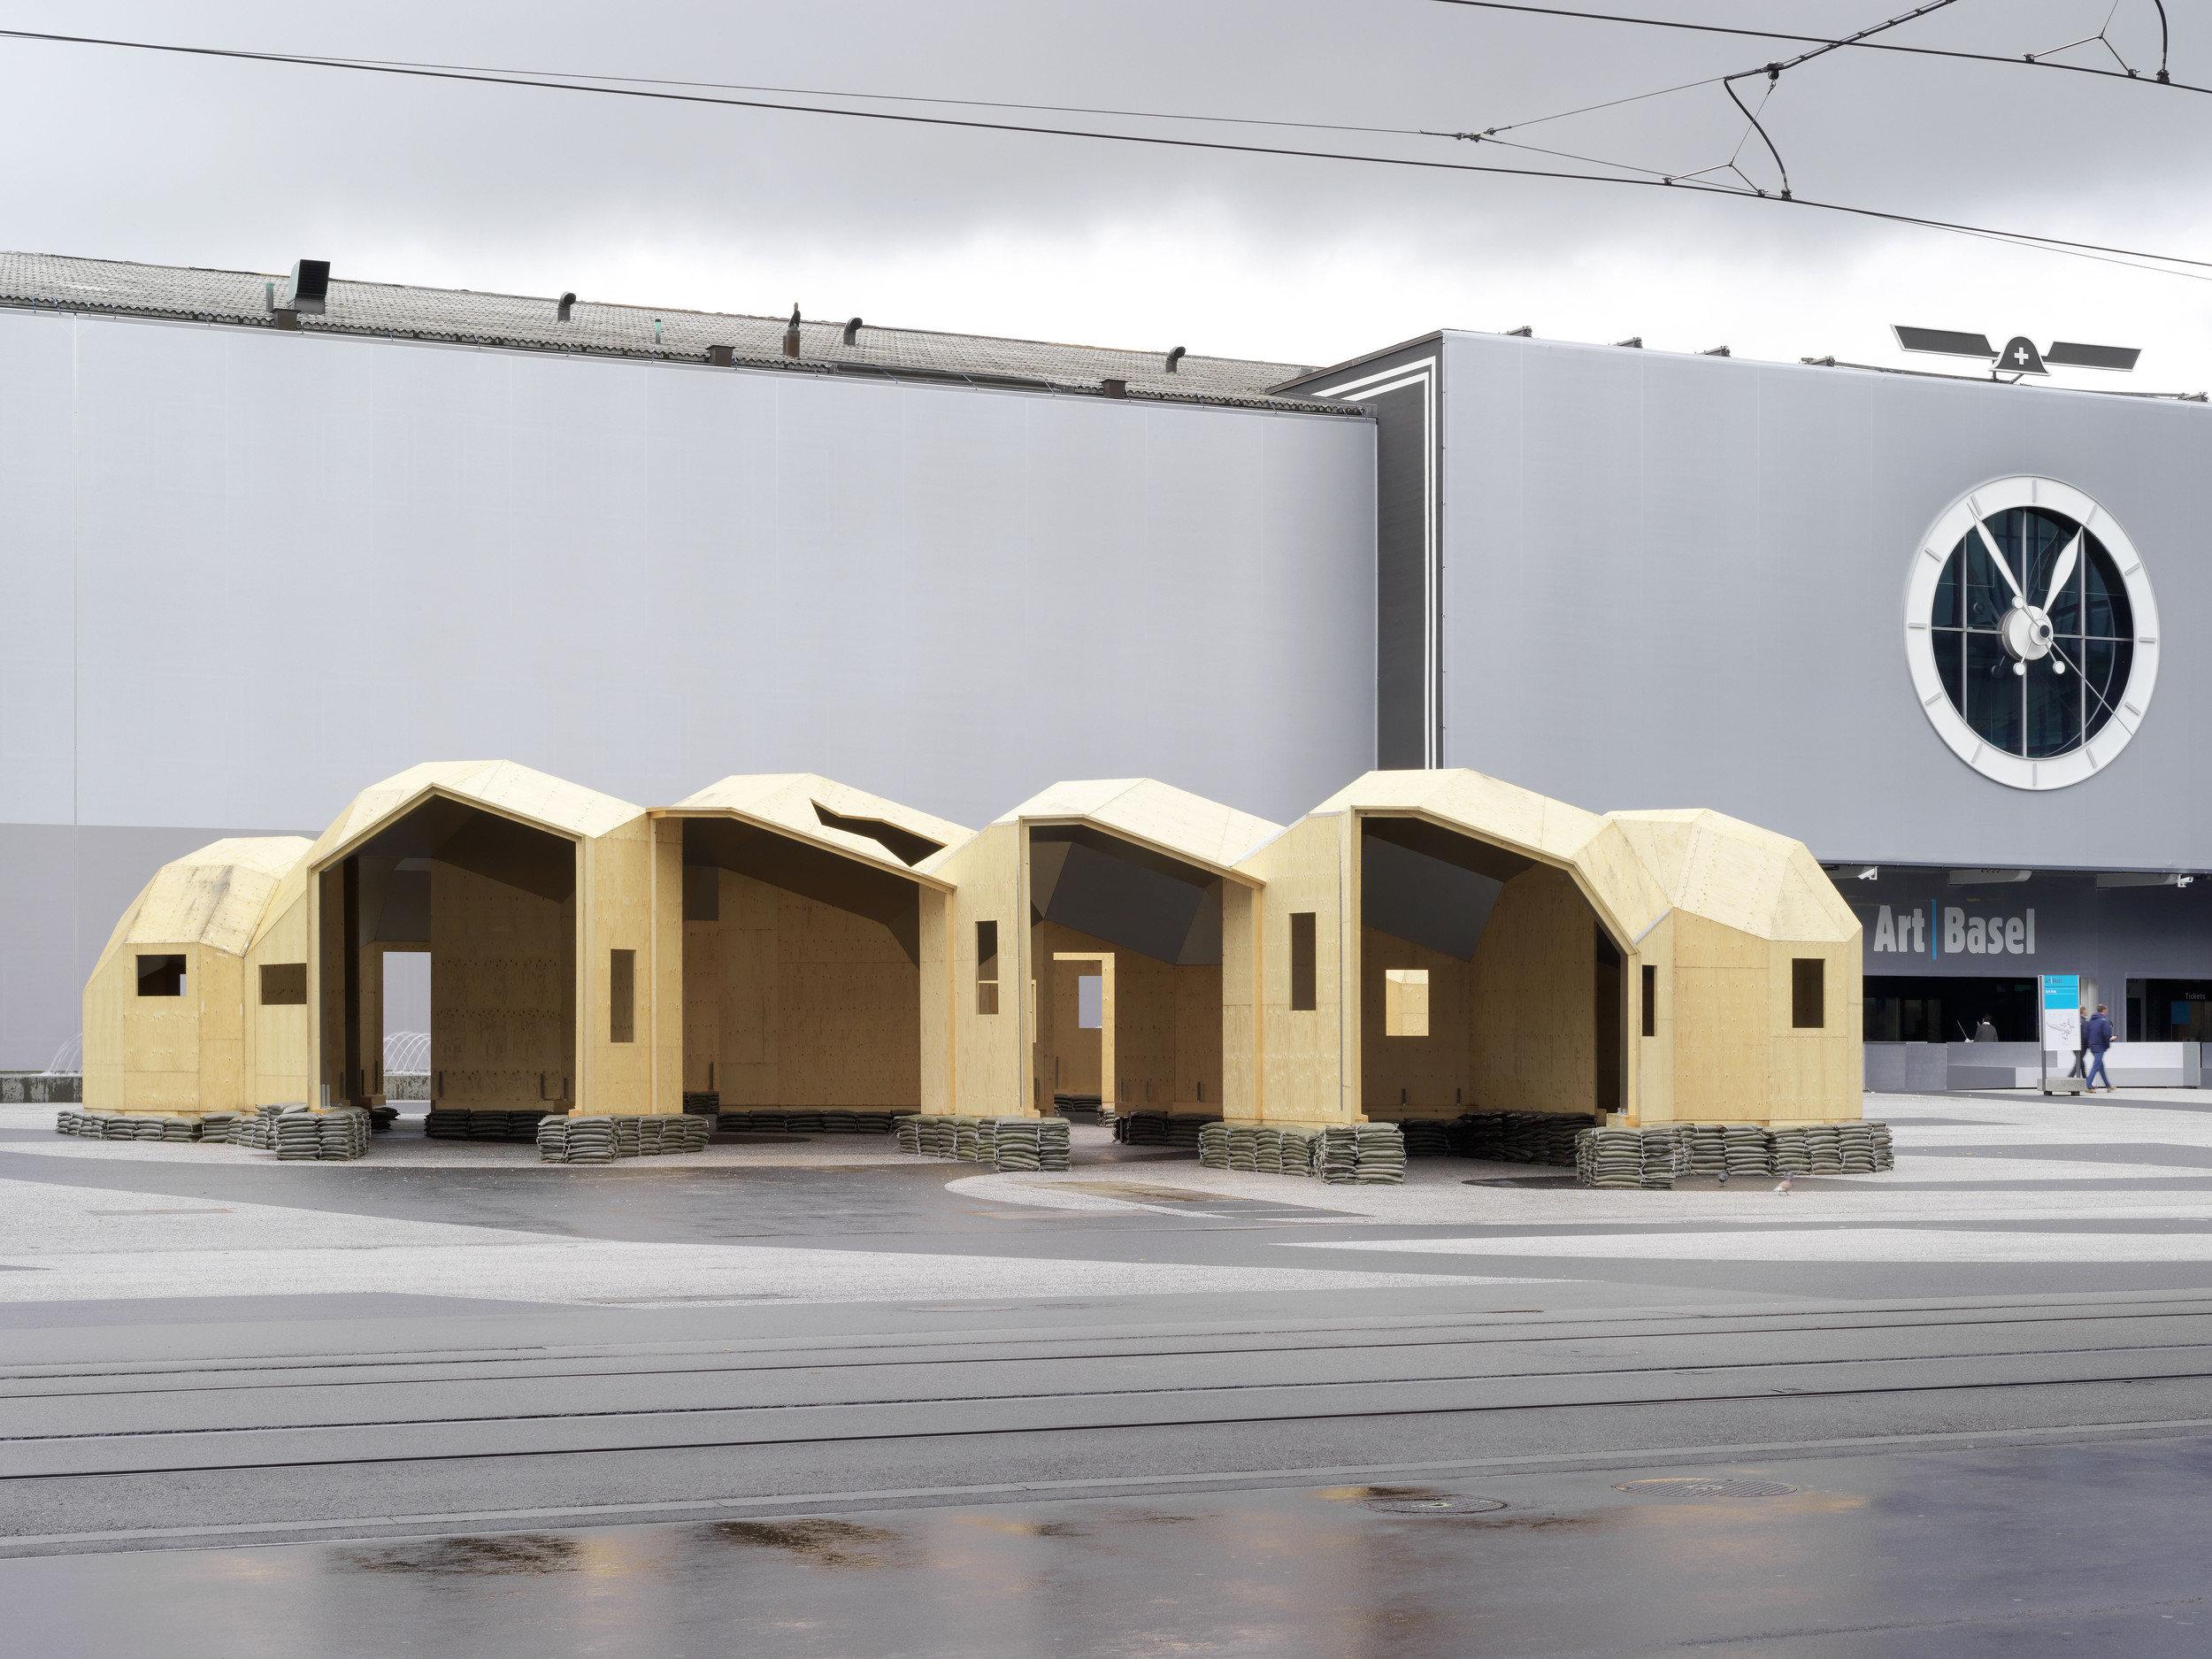 4-teiliges 3-dimensionales Holzkonstrukt mit Uhr im Hintergrund